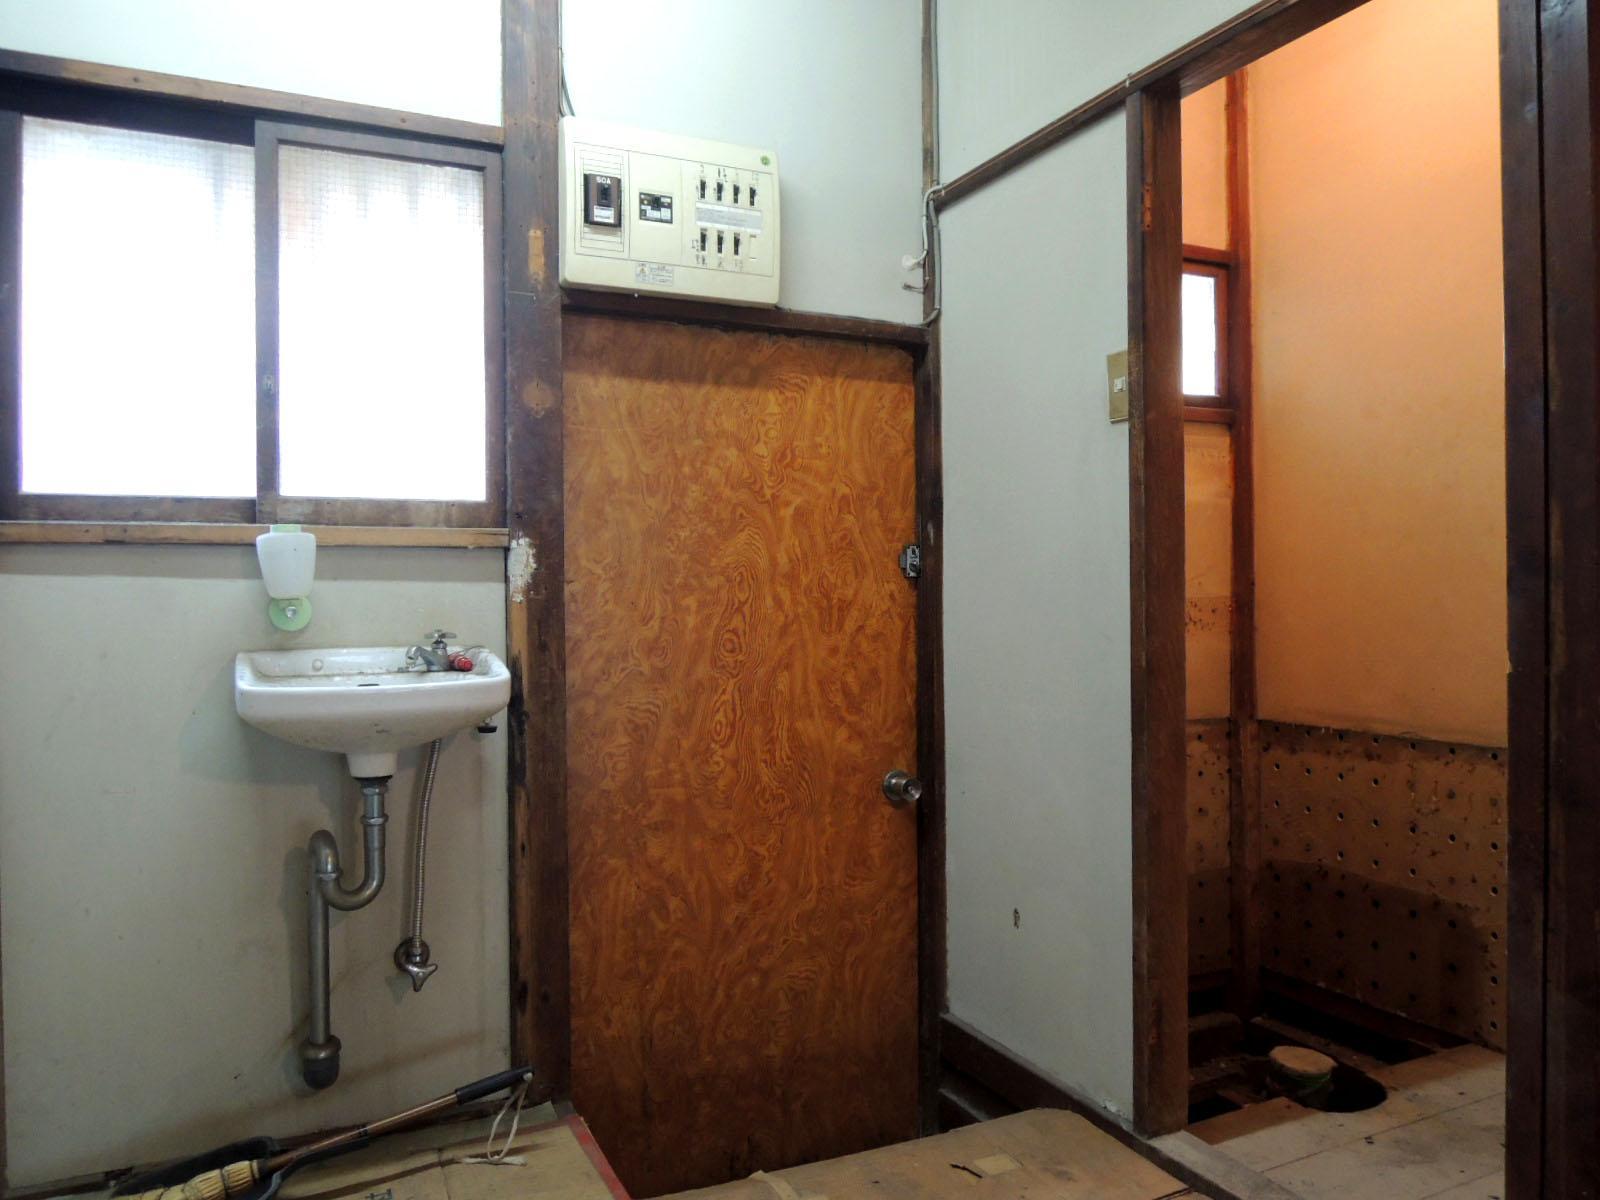 裏口。右側は2つめのトイレがあり今は撤去済み。